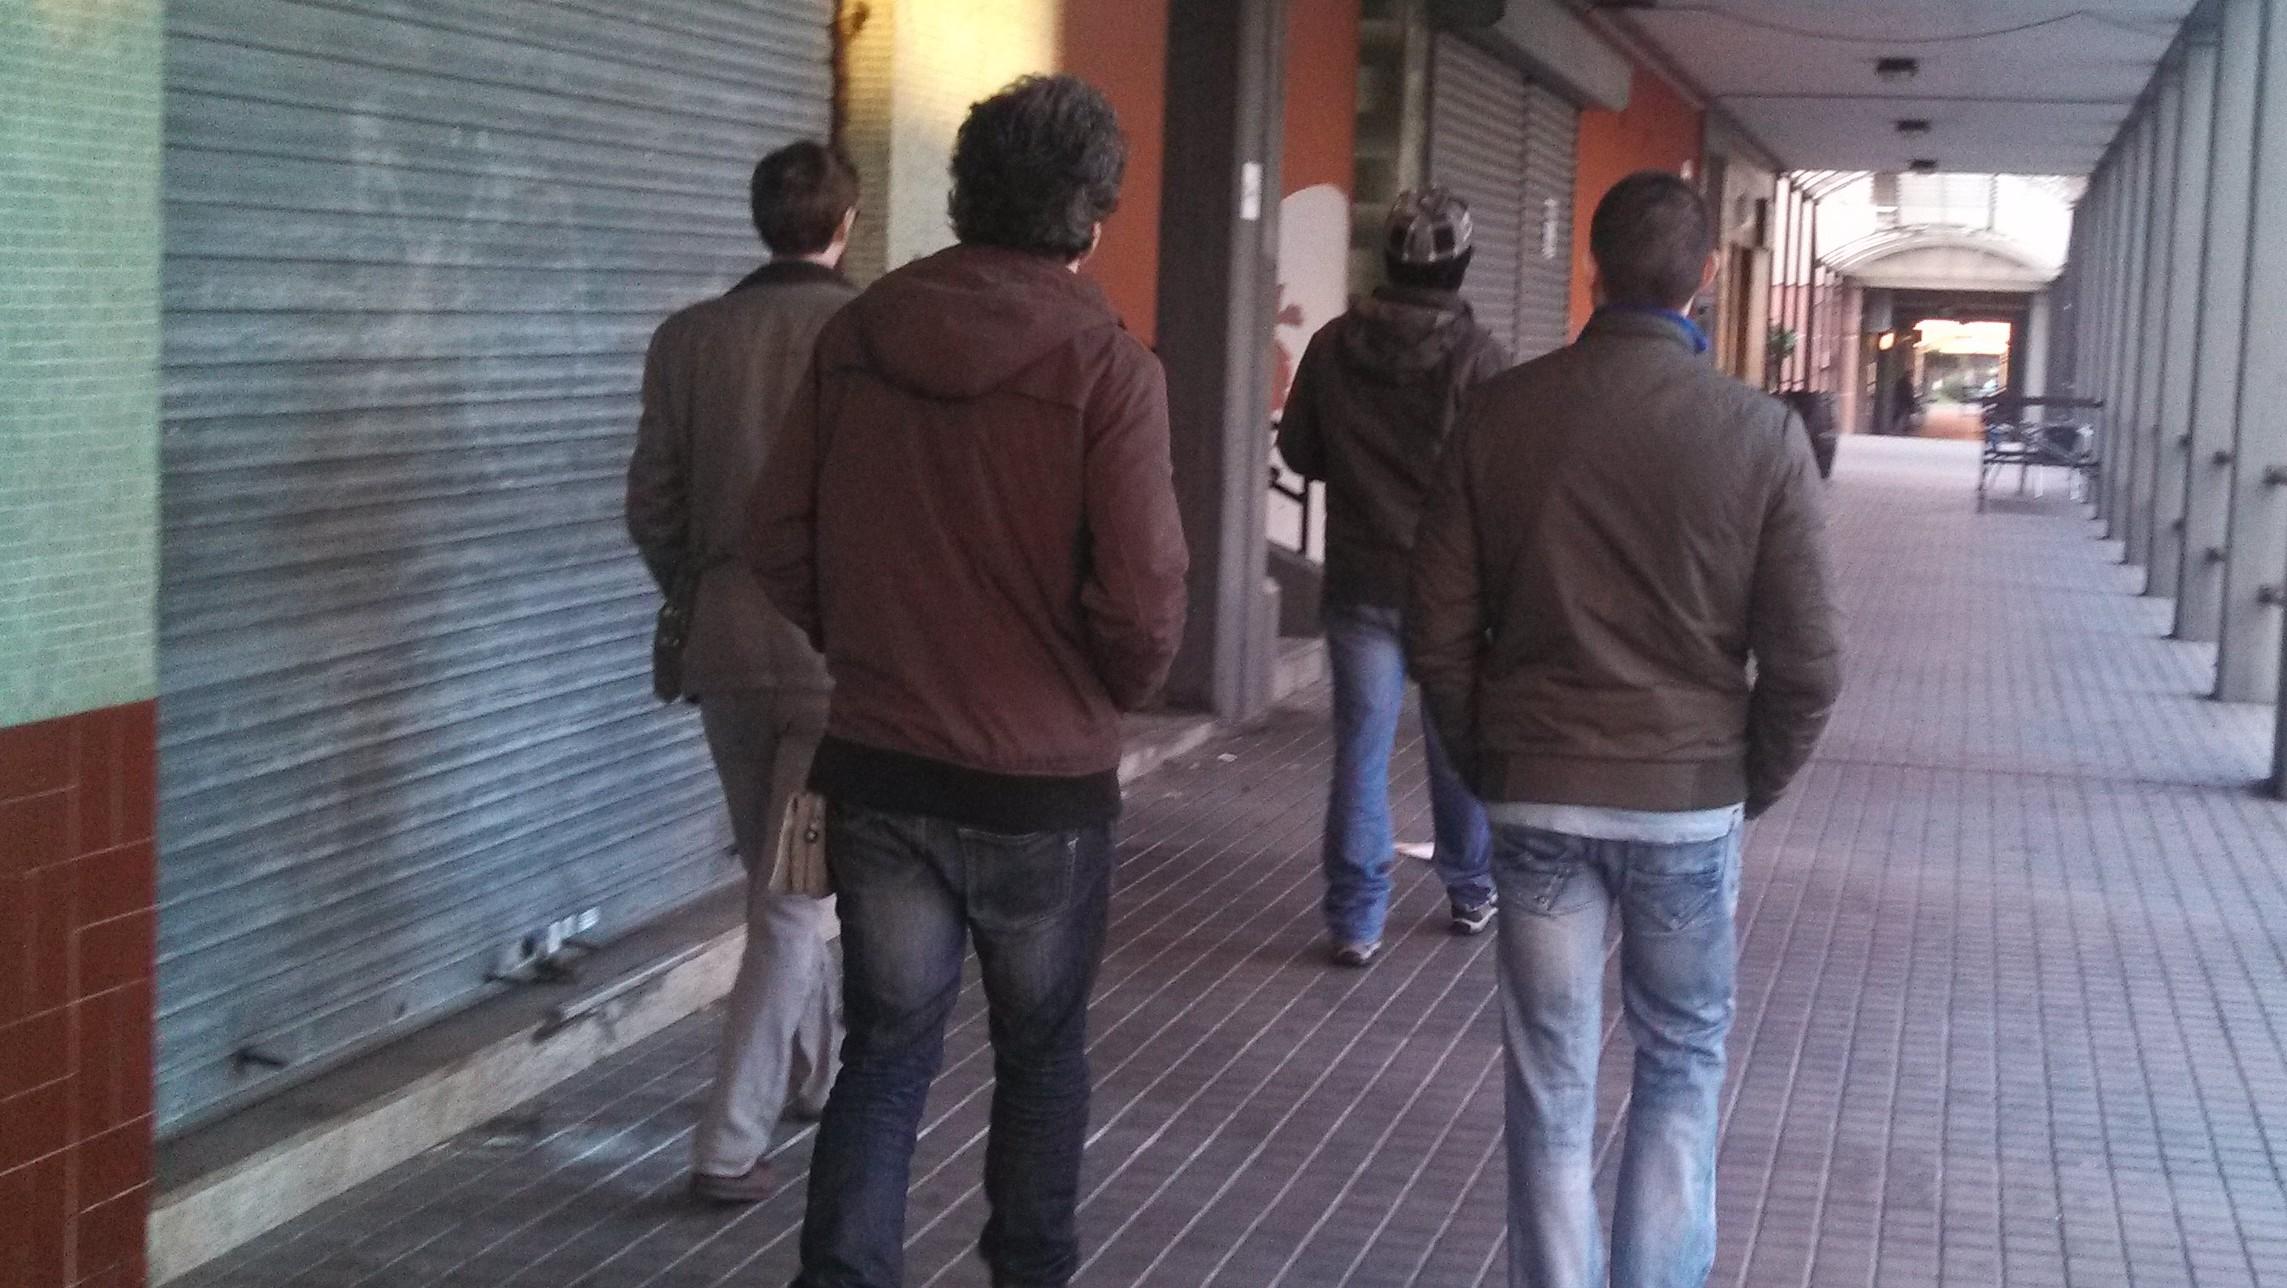 Hackers chillin' at A Coruña